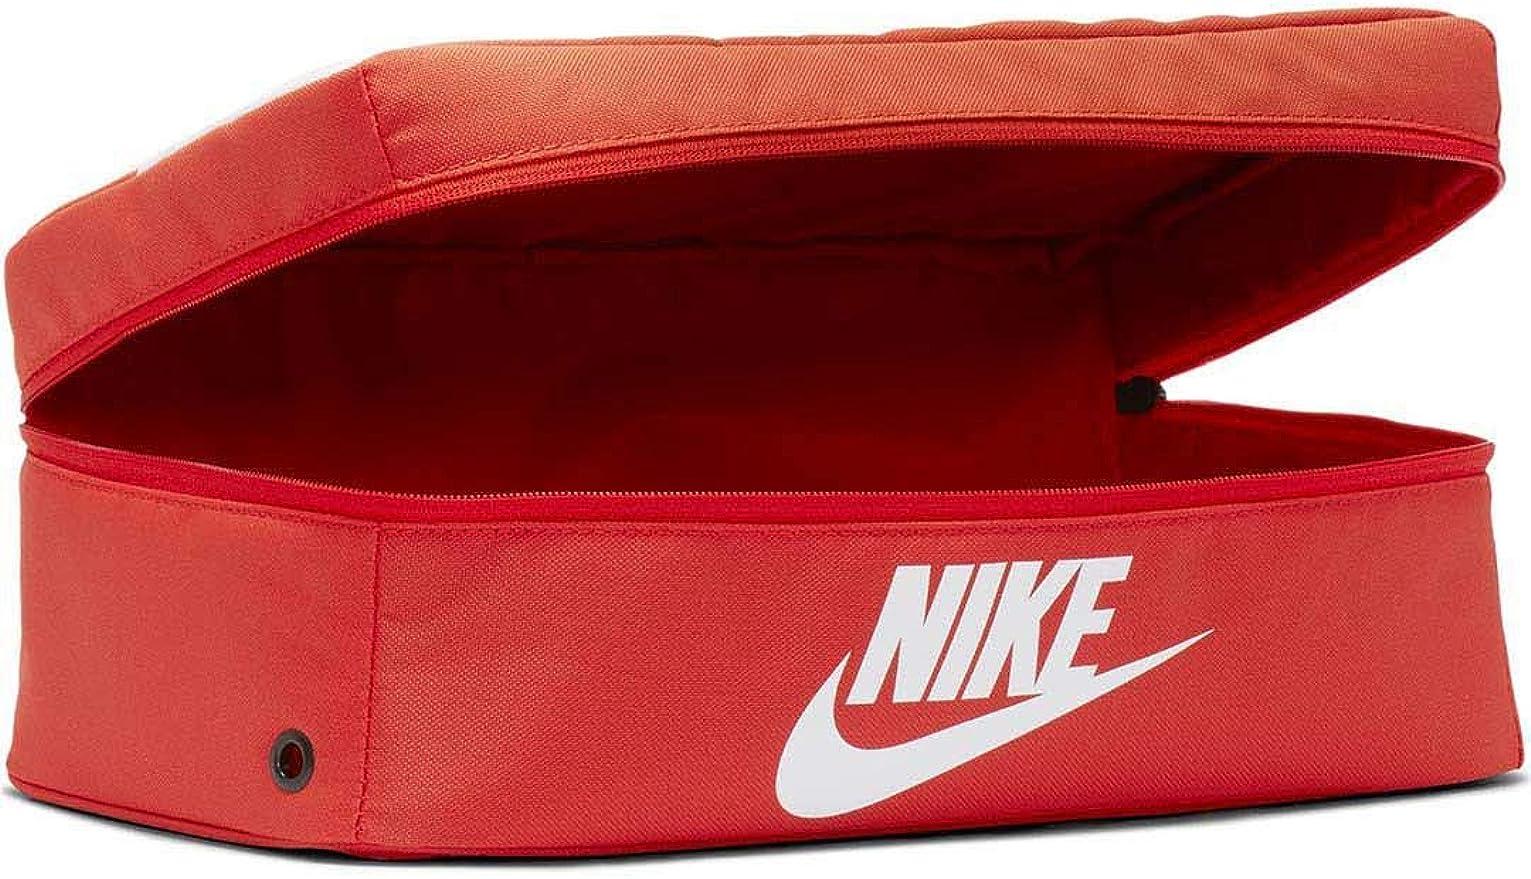 Nike Mens Shoe Box Bag One Size Orange White: Amazon.es: Ropa y accesorios